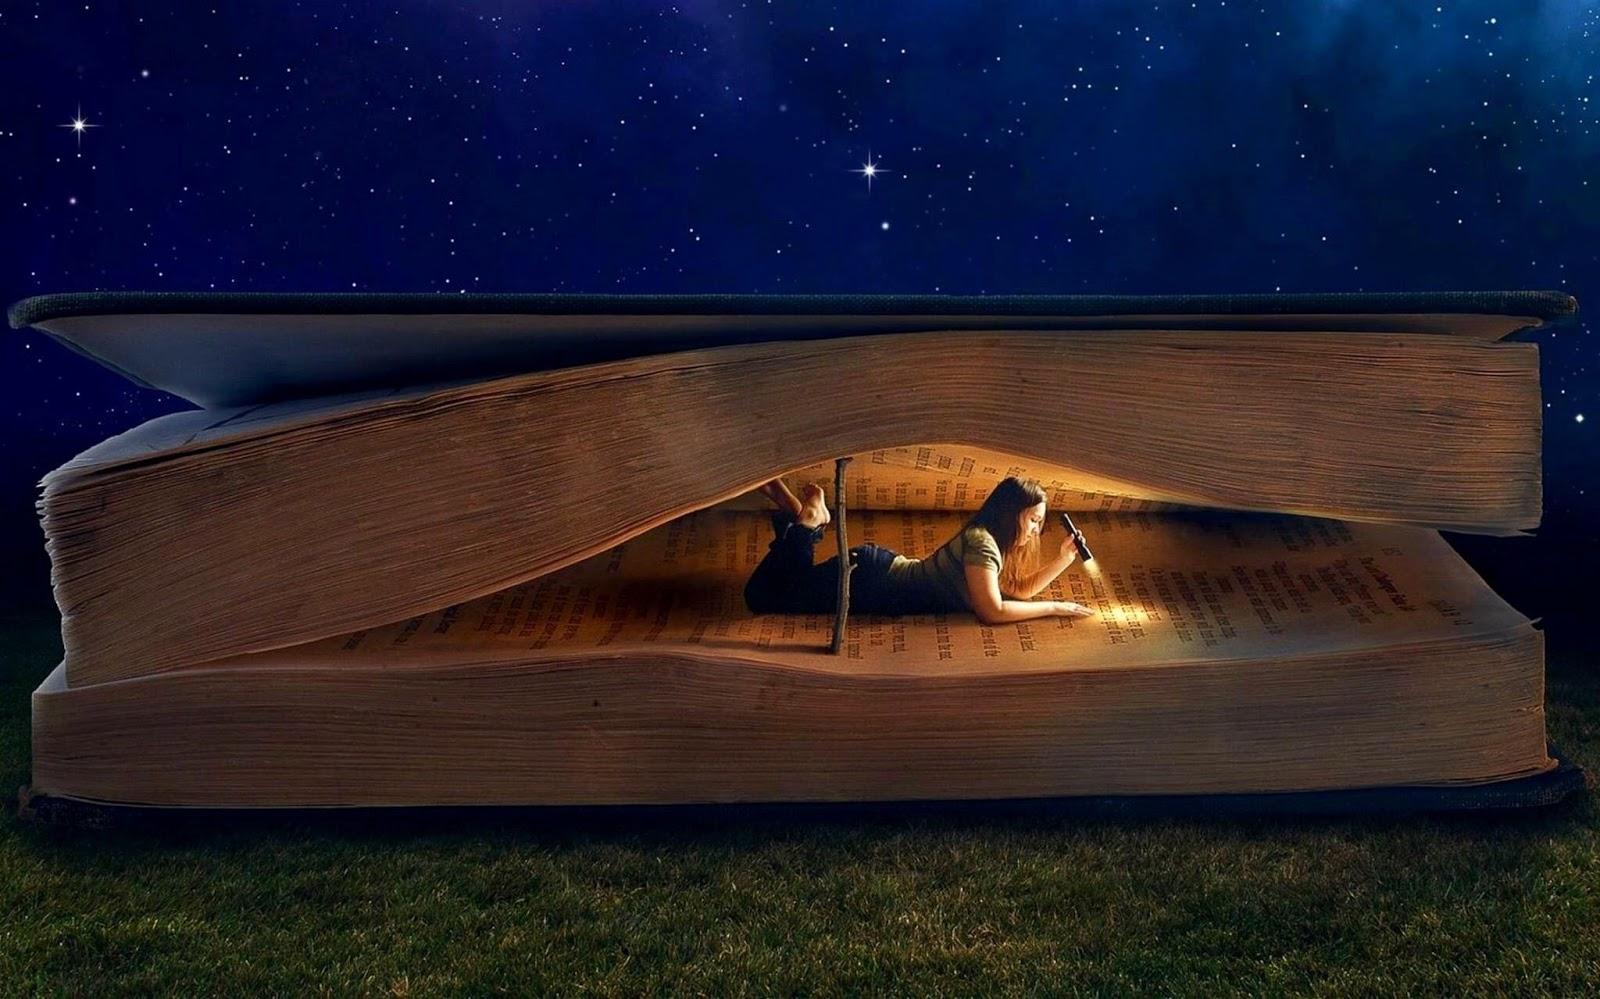 الفوائد التي تجنيها من تطوير مهارات القراءة السريعةالفوائد التي تجنيها من تطوير مهارات القراءة السريعة